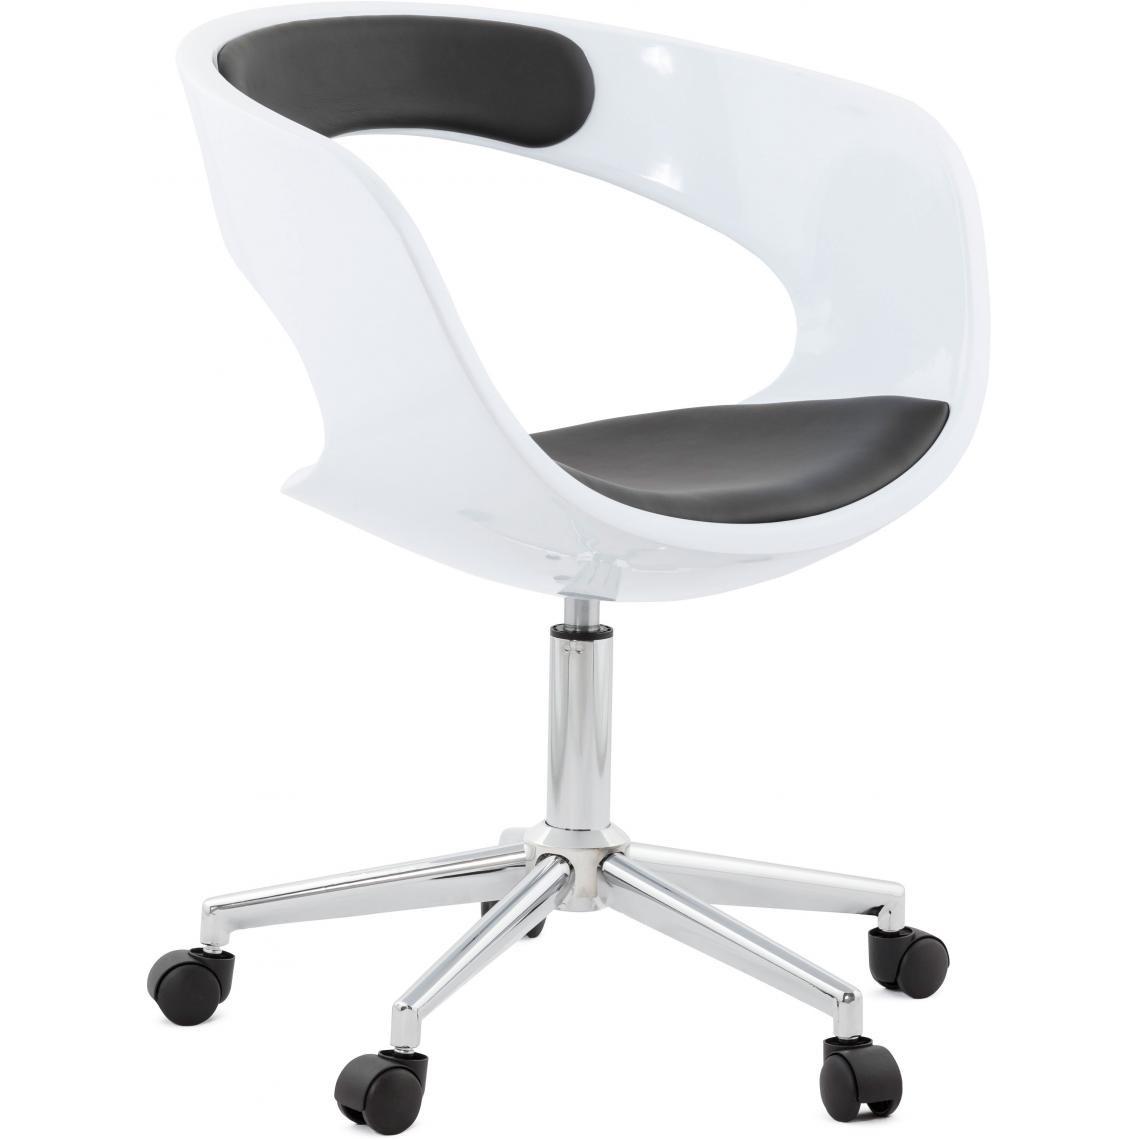 chaise de bureau pivotante noir et blanc aussie